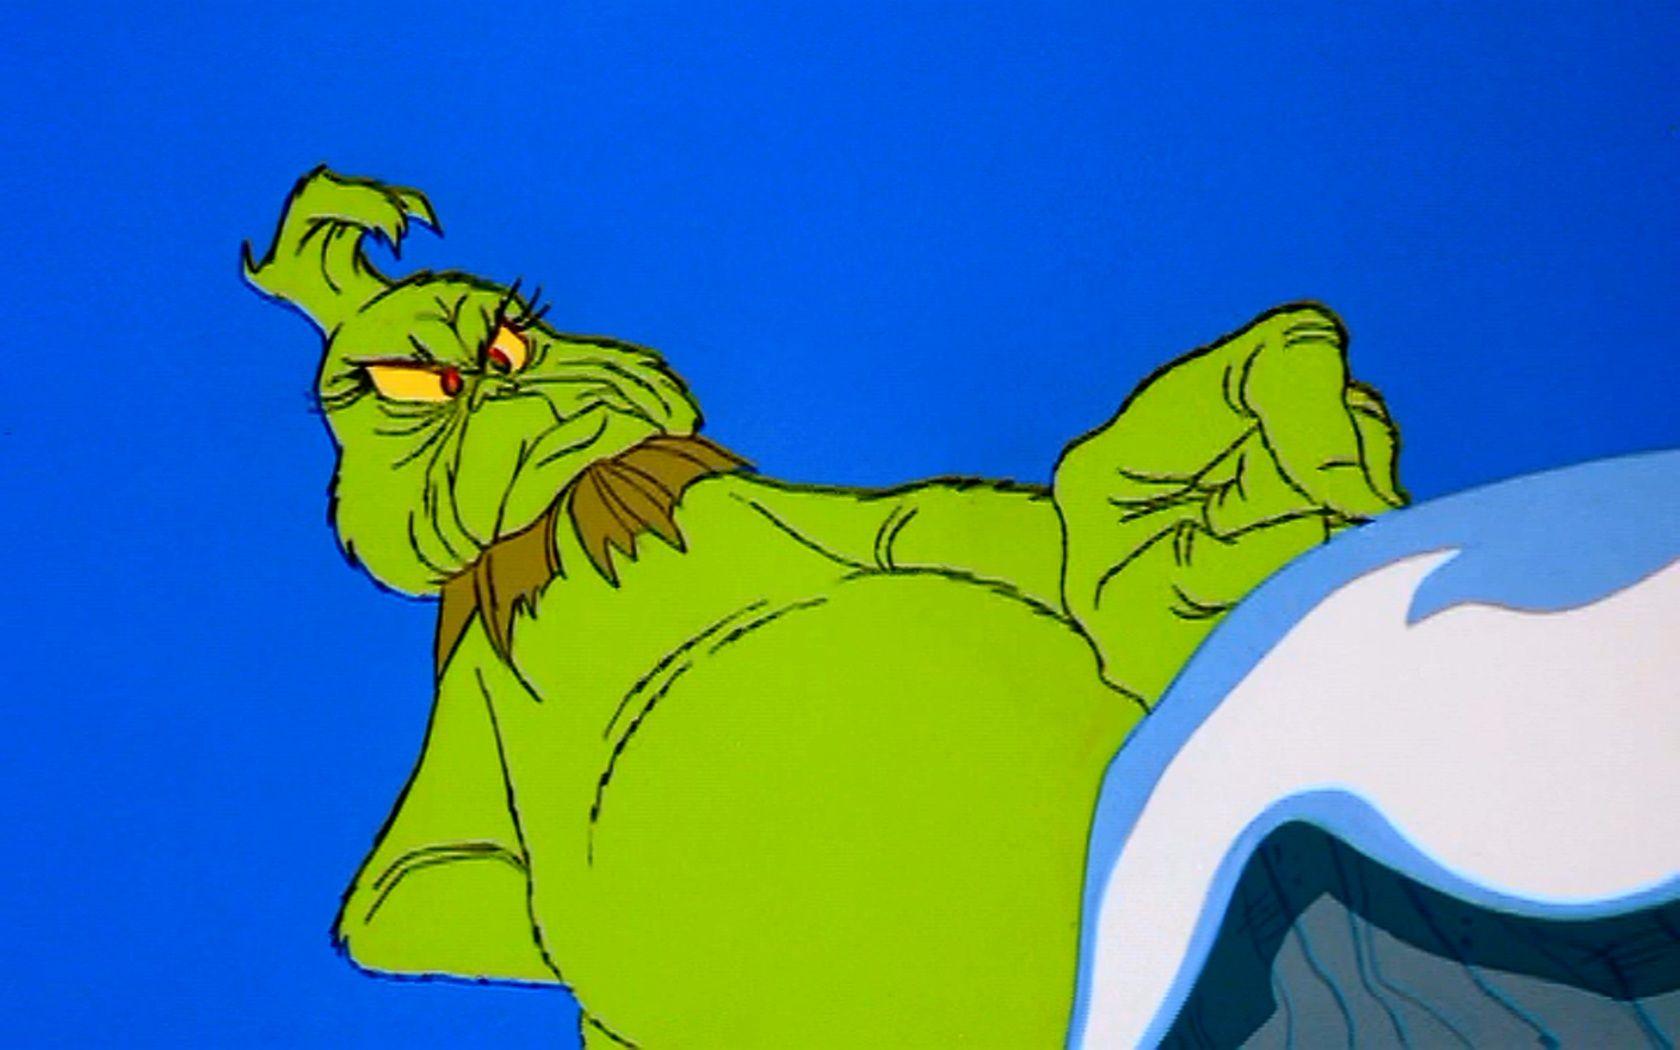 mt. crumpit grinch - Google Search   Grinch   Pinterest   Grinch ...